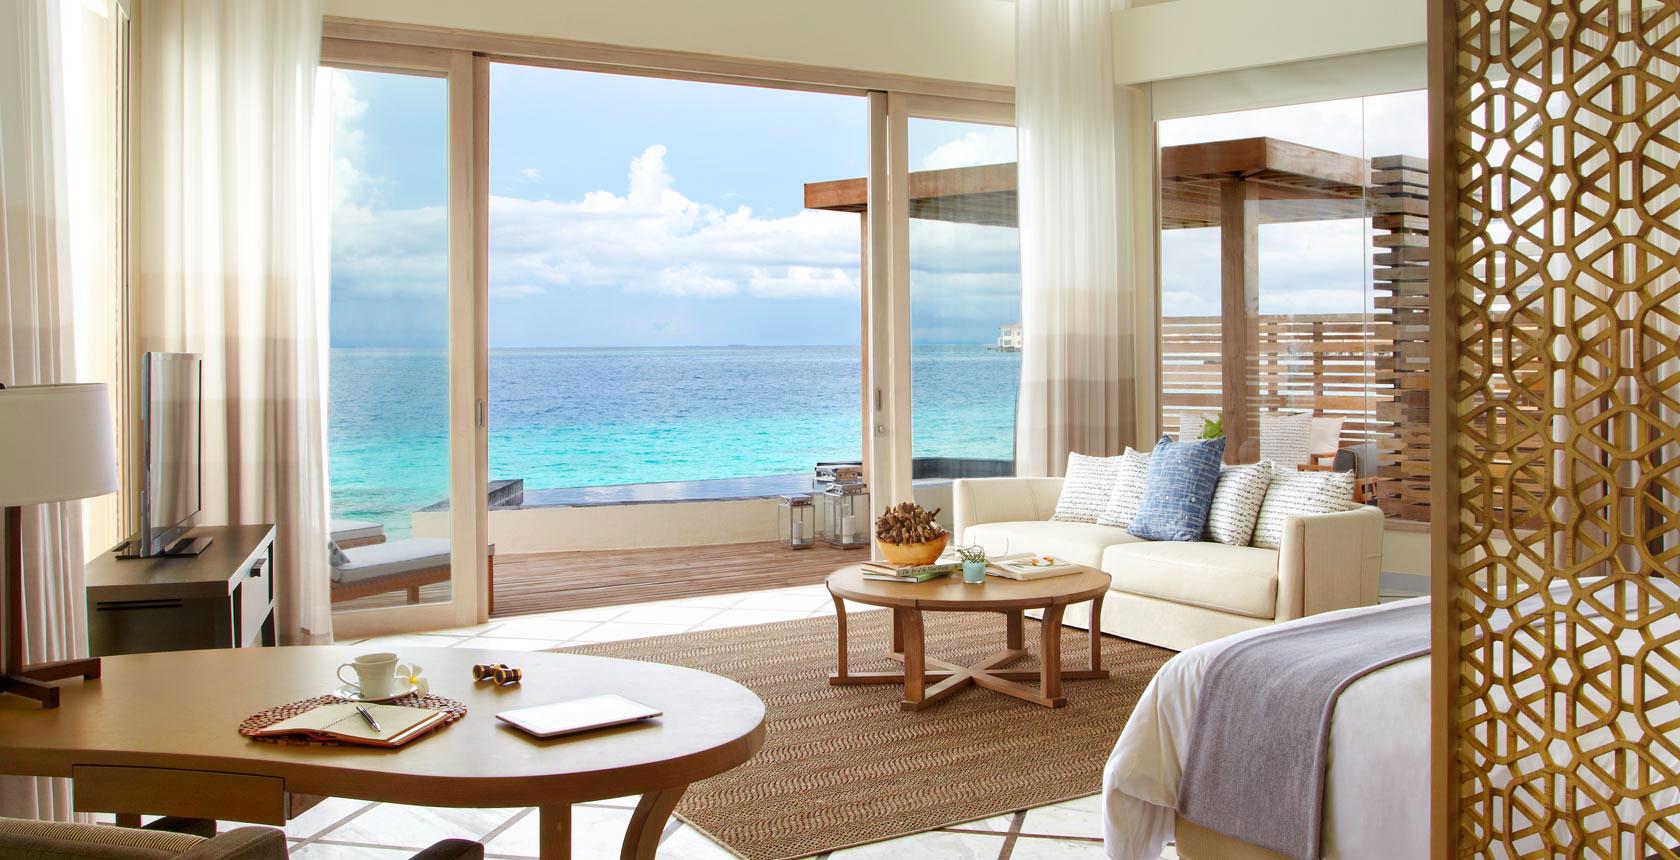 Viceroy-Hotel-Sand-Resort-23